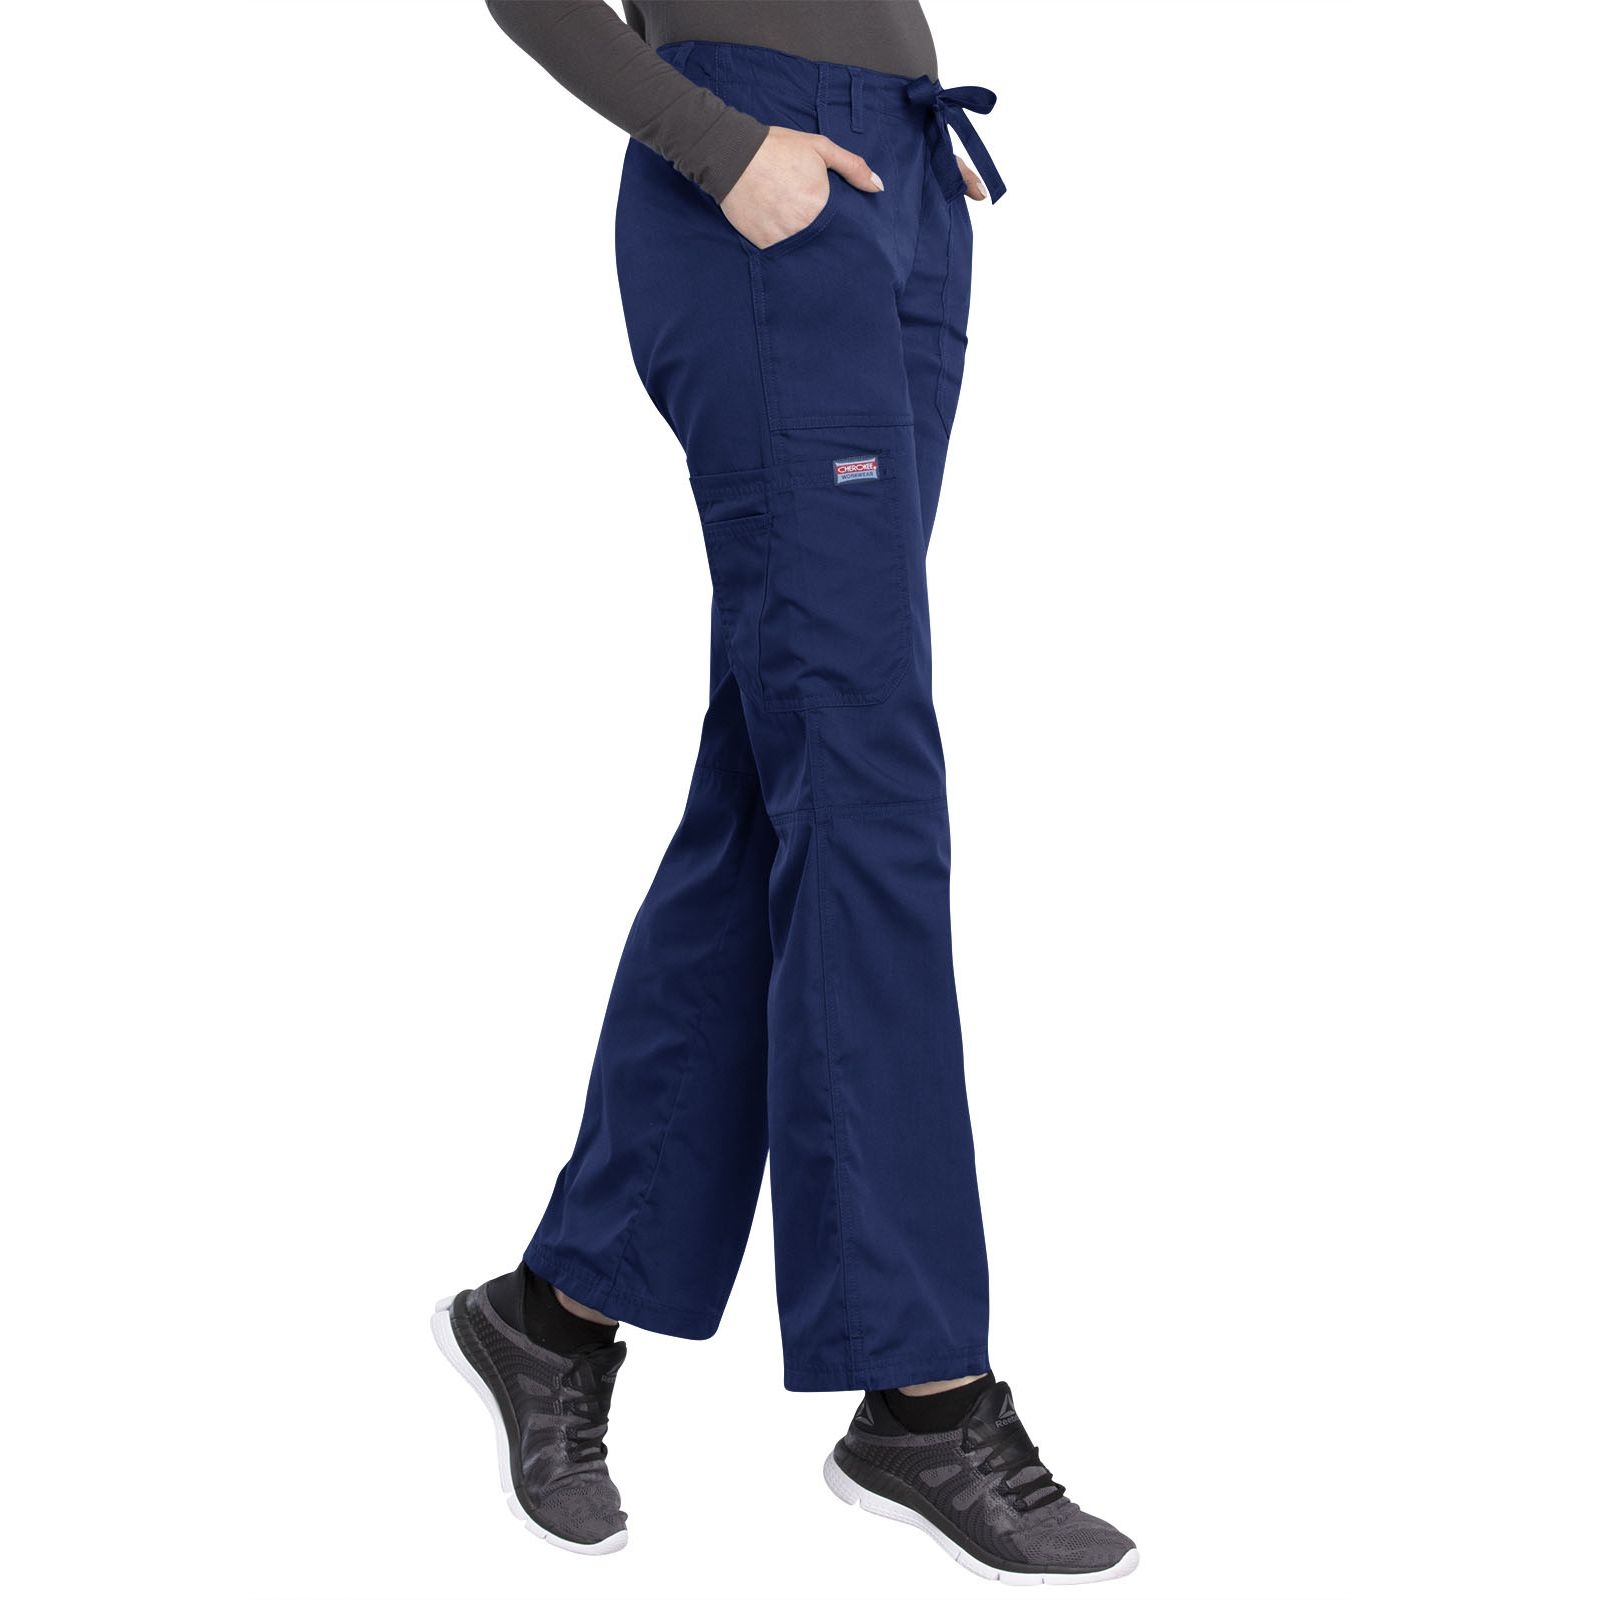 Pantalon médical Femme cordon et élastique, Cherokee Workwear Originals (4020), couleur bleu marine vue coté droit